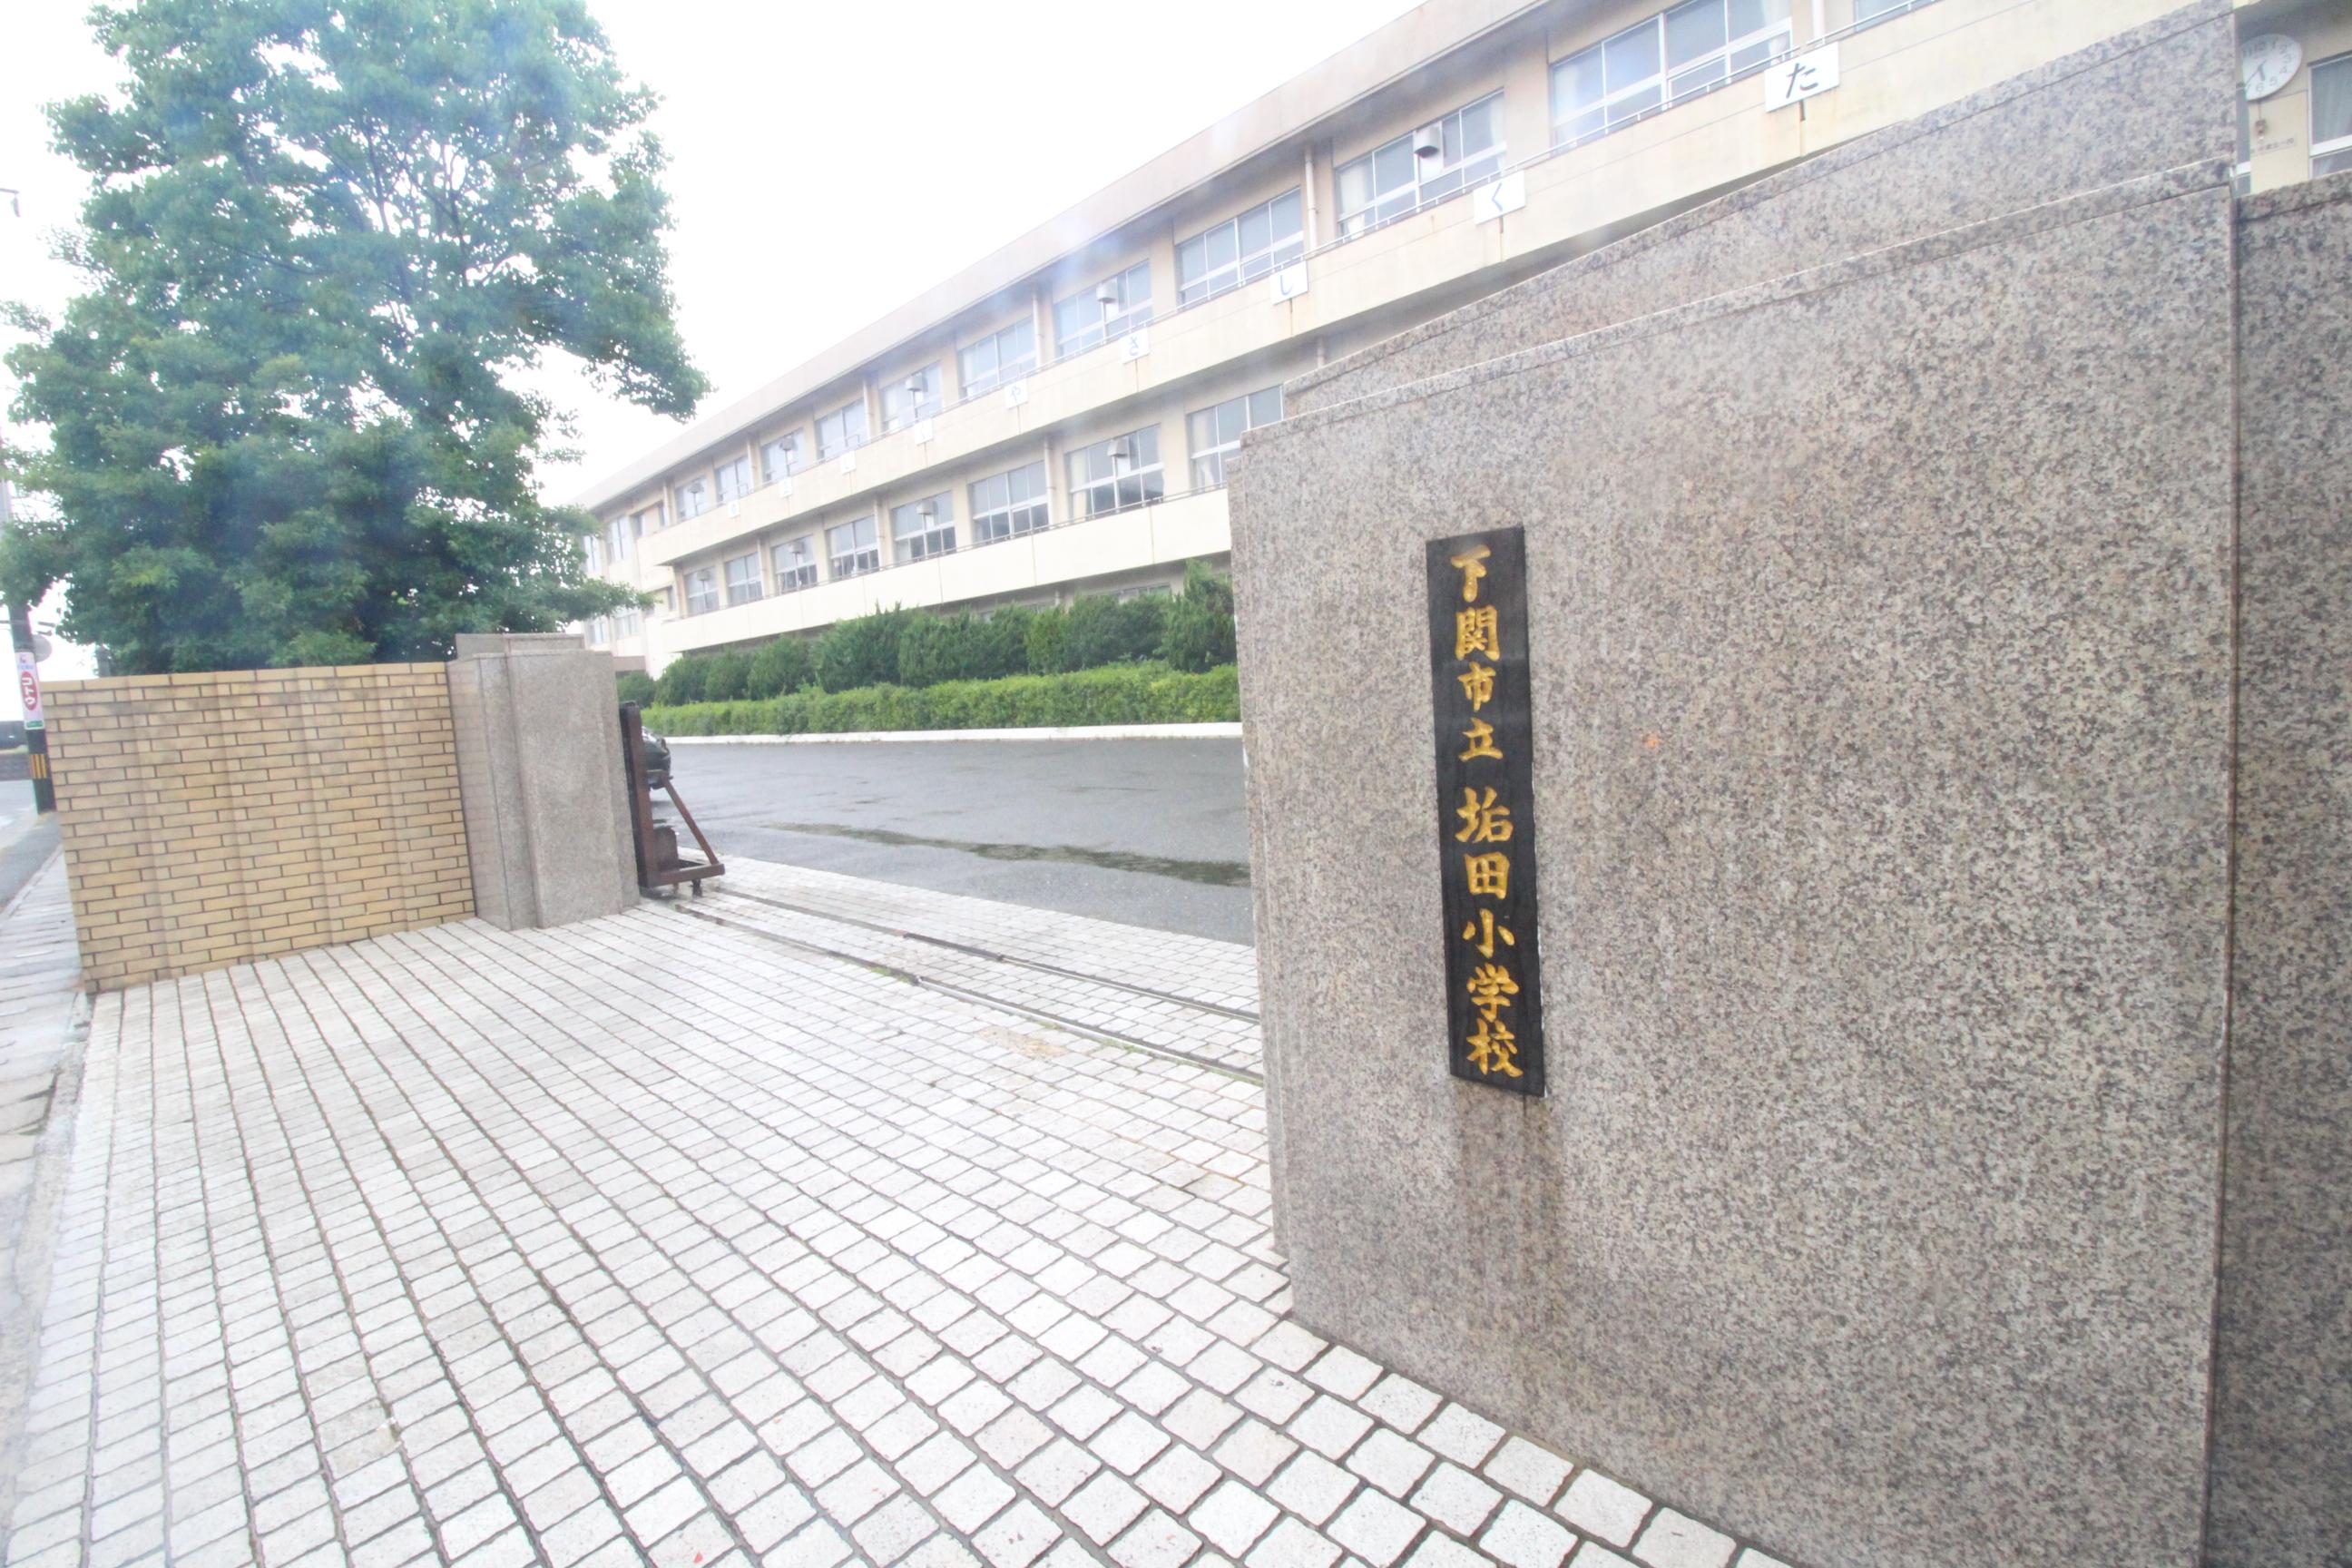 小学校:下関市立垢田小学校 1317m